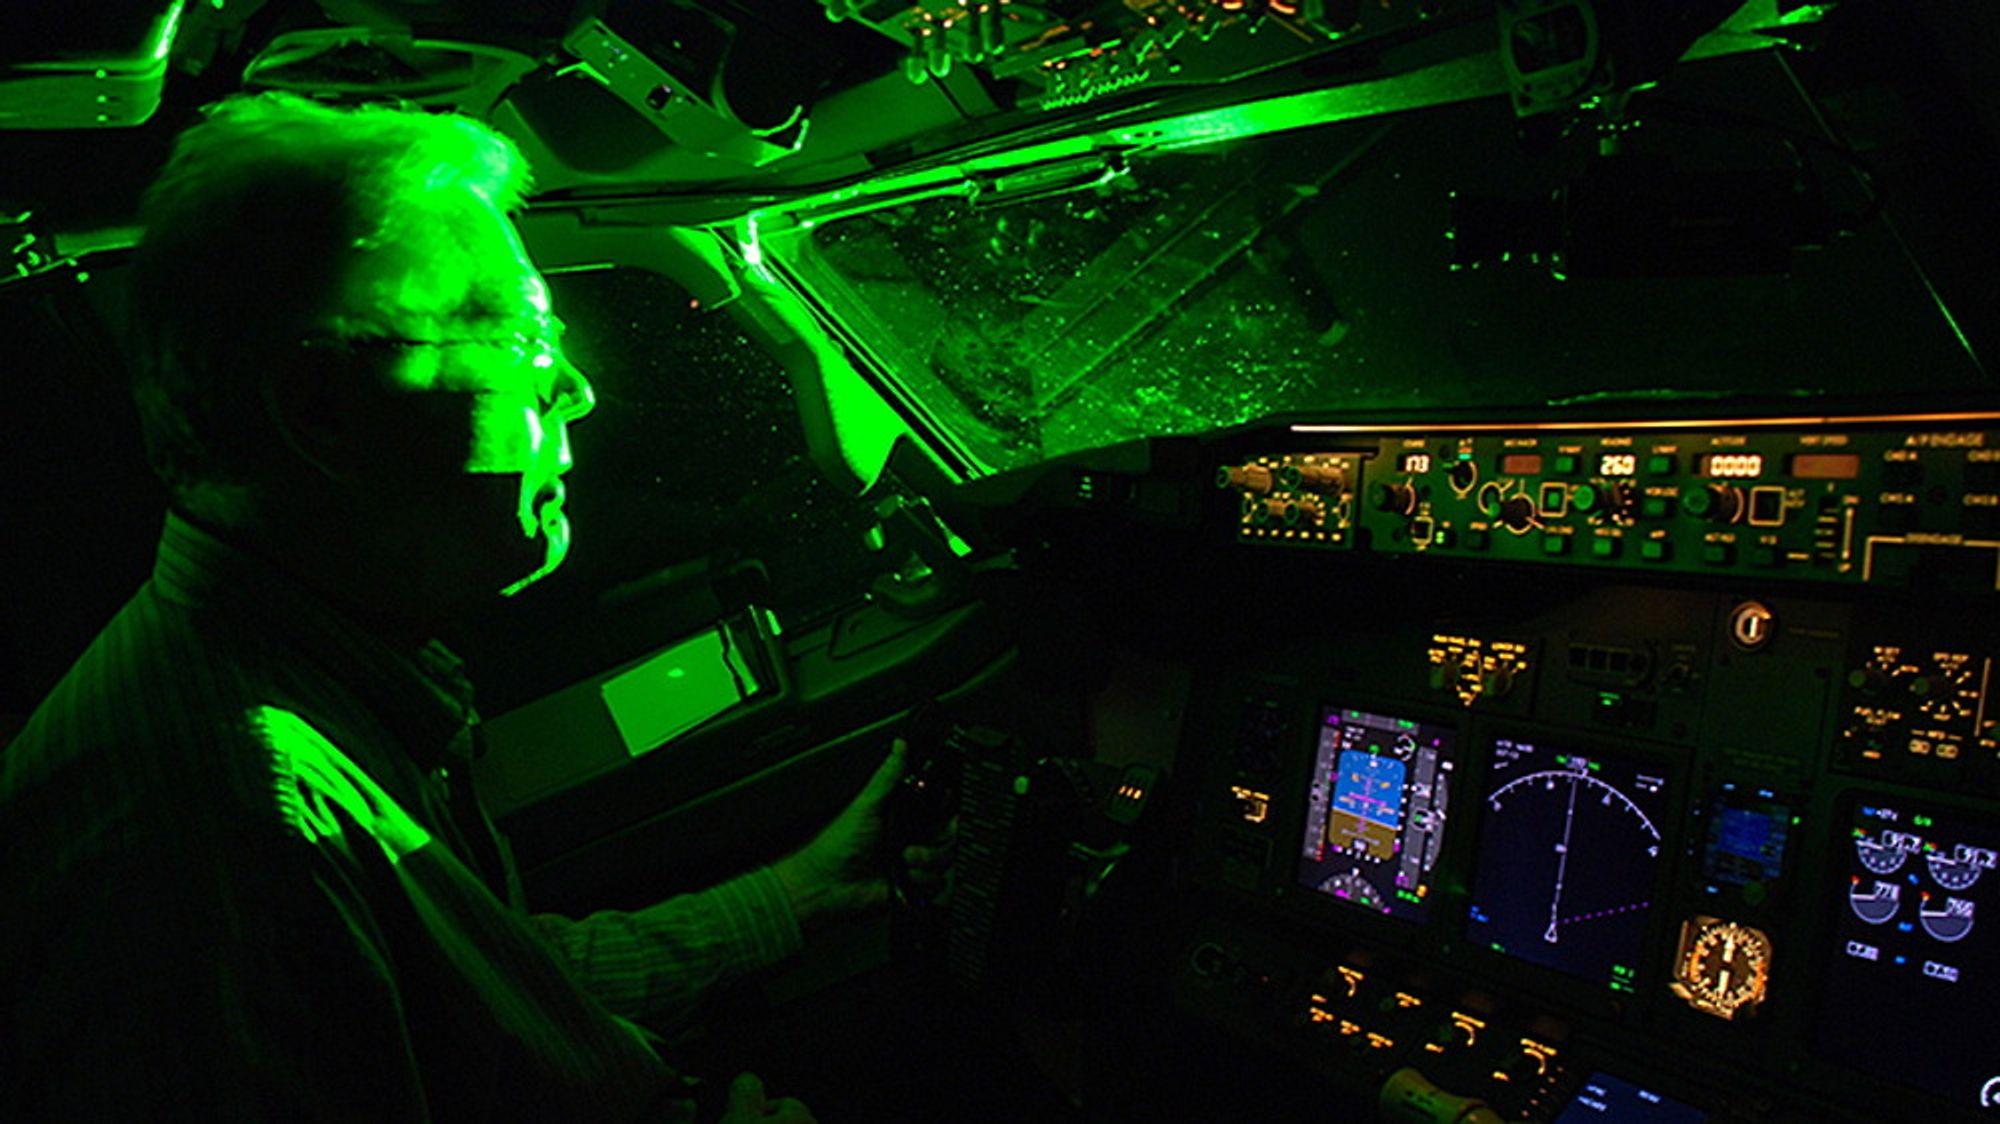 Et nyutviklet filter skal stoppe uønsket belysning av cockpiten på fly.